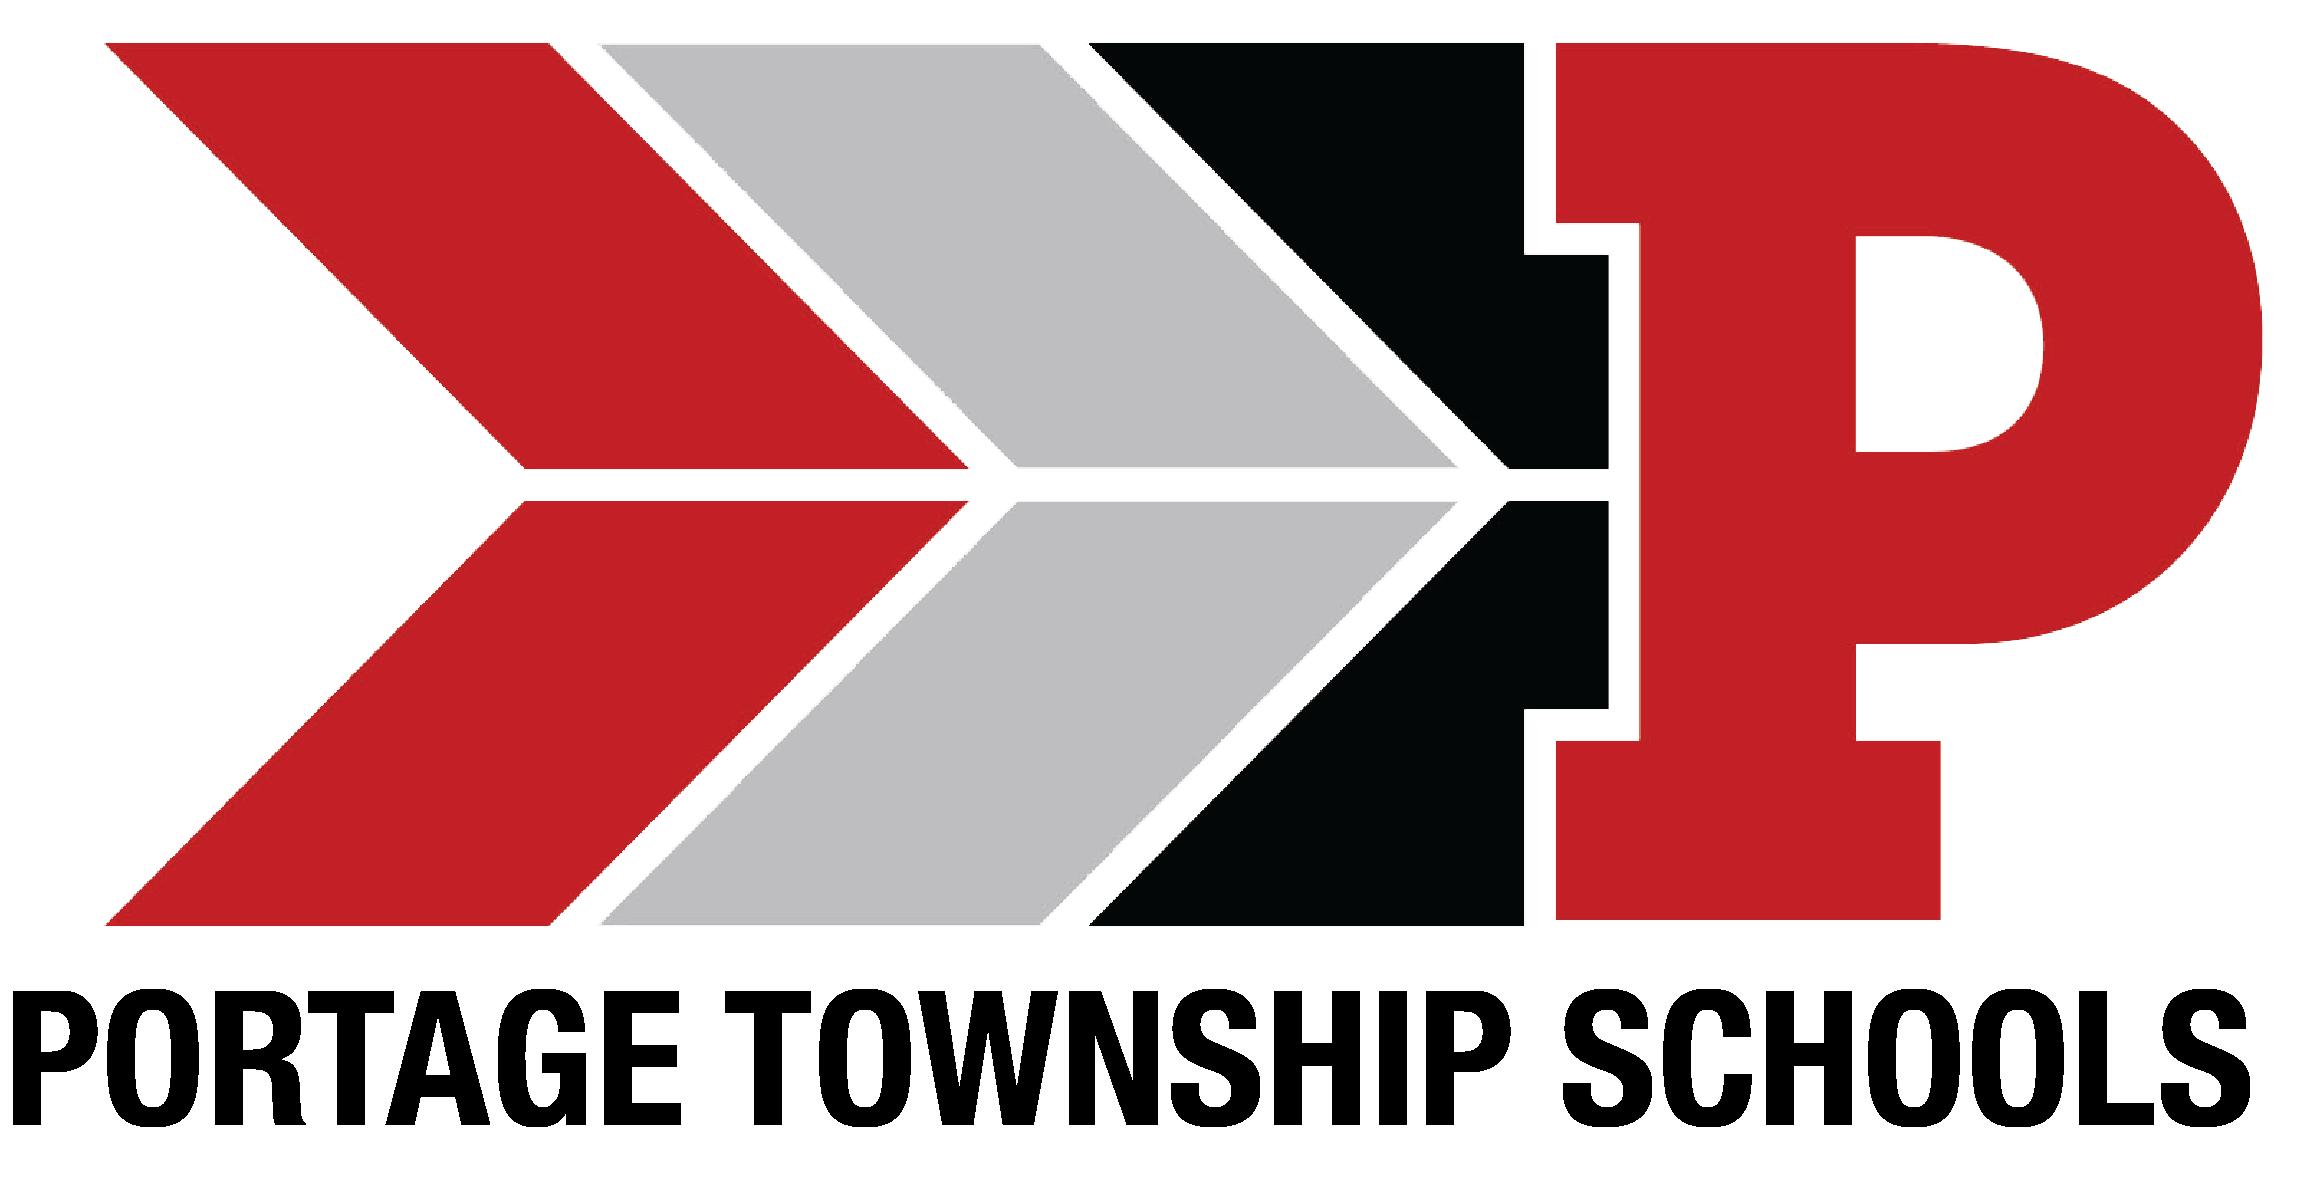 Portage Township Schools logo